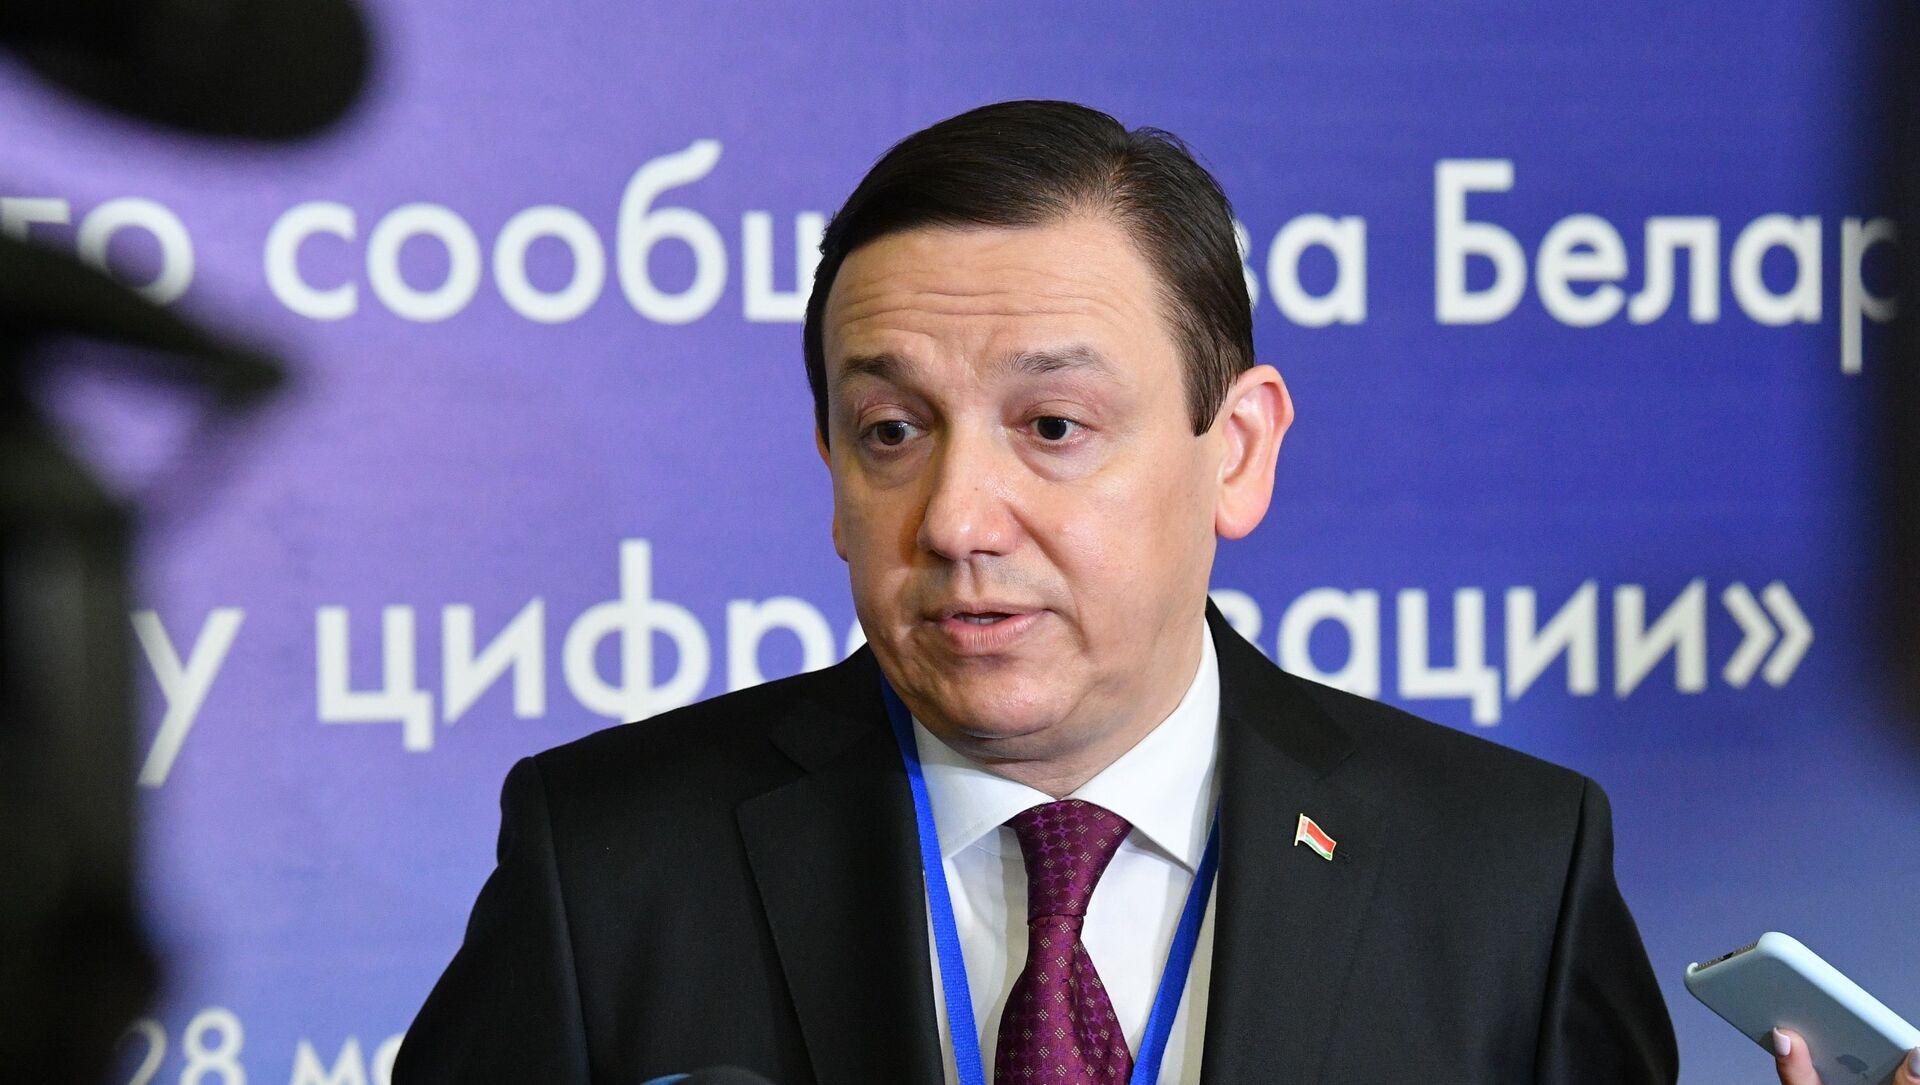 Министр информации Владимир Перцов - Sputnik Беларусь, 1920, 31.05.2021